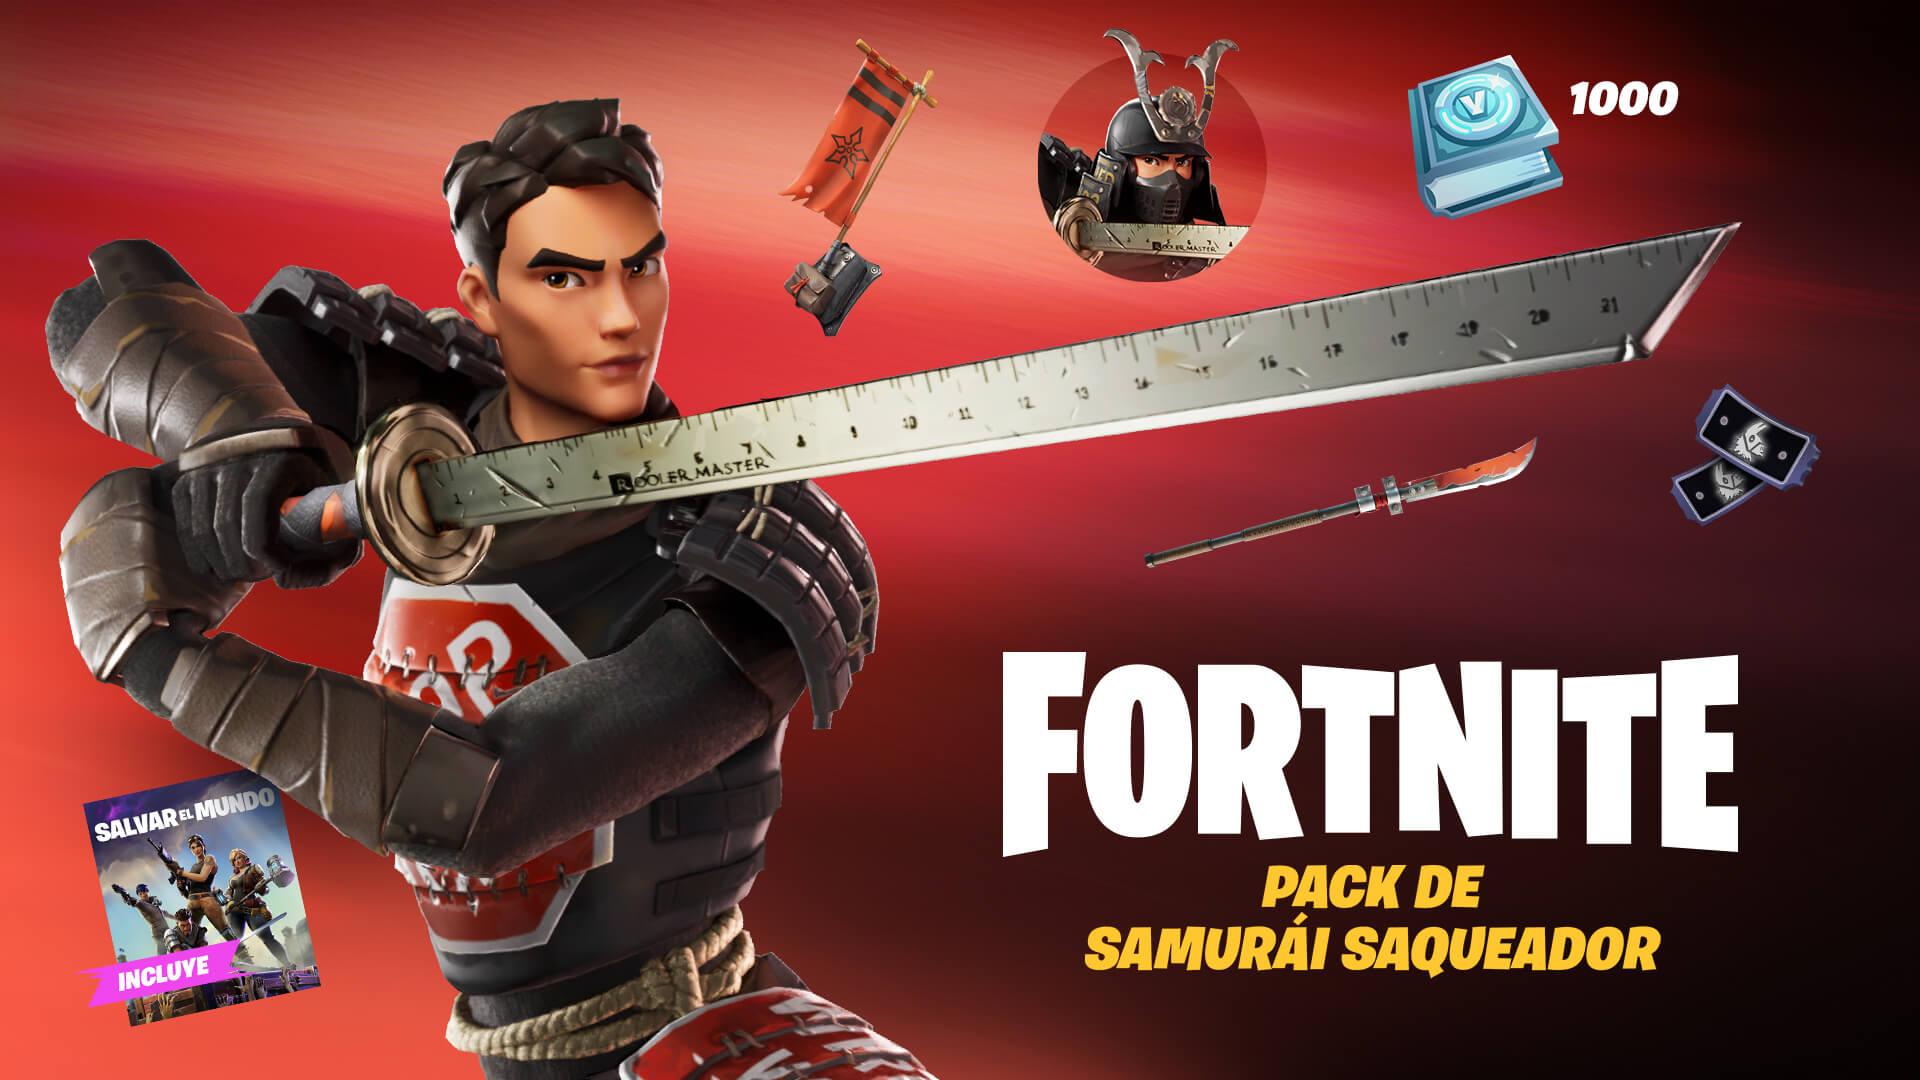 ES ES StW SamuraiScrapper Social 1920x1080